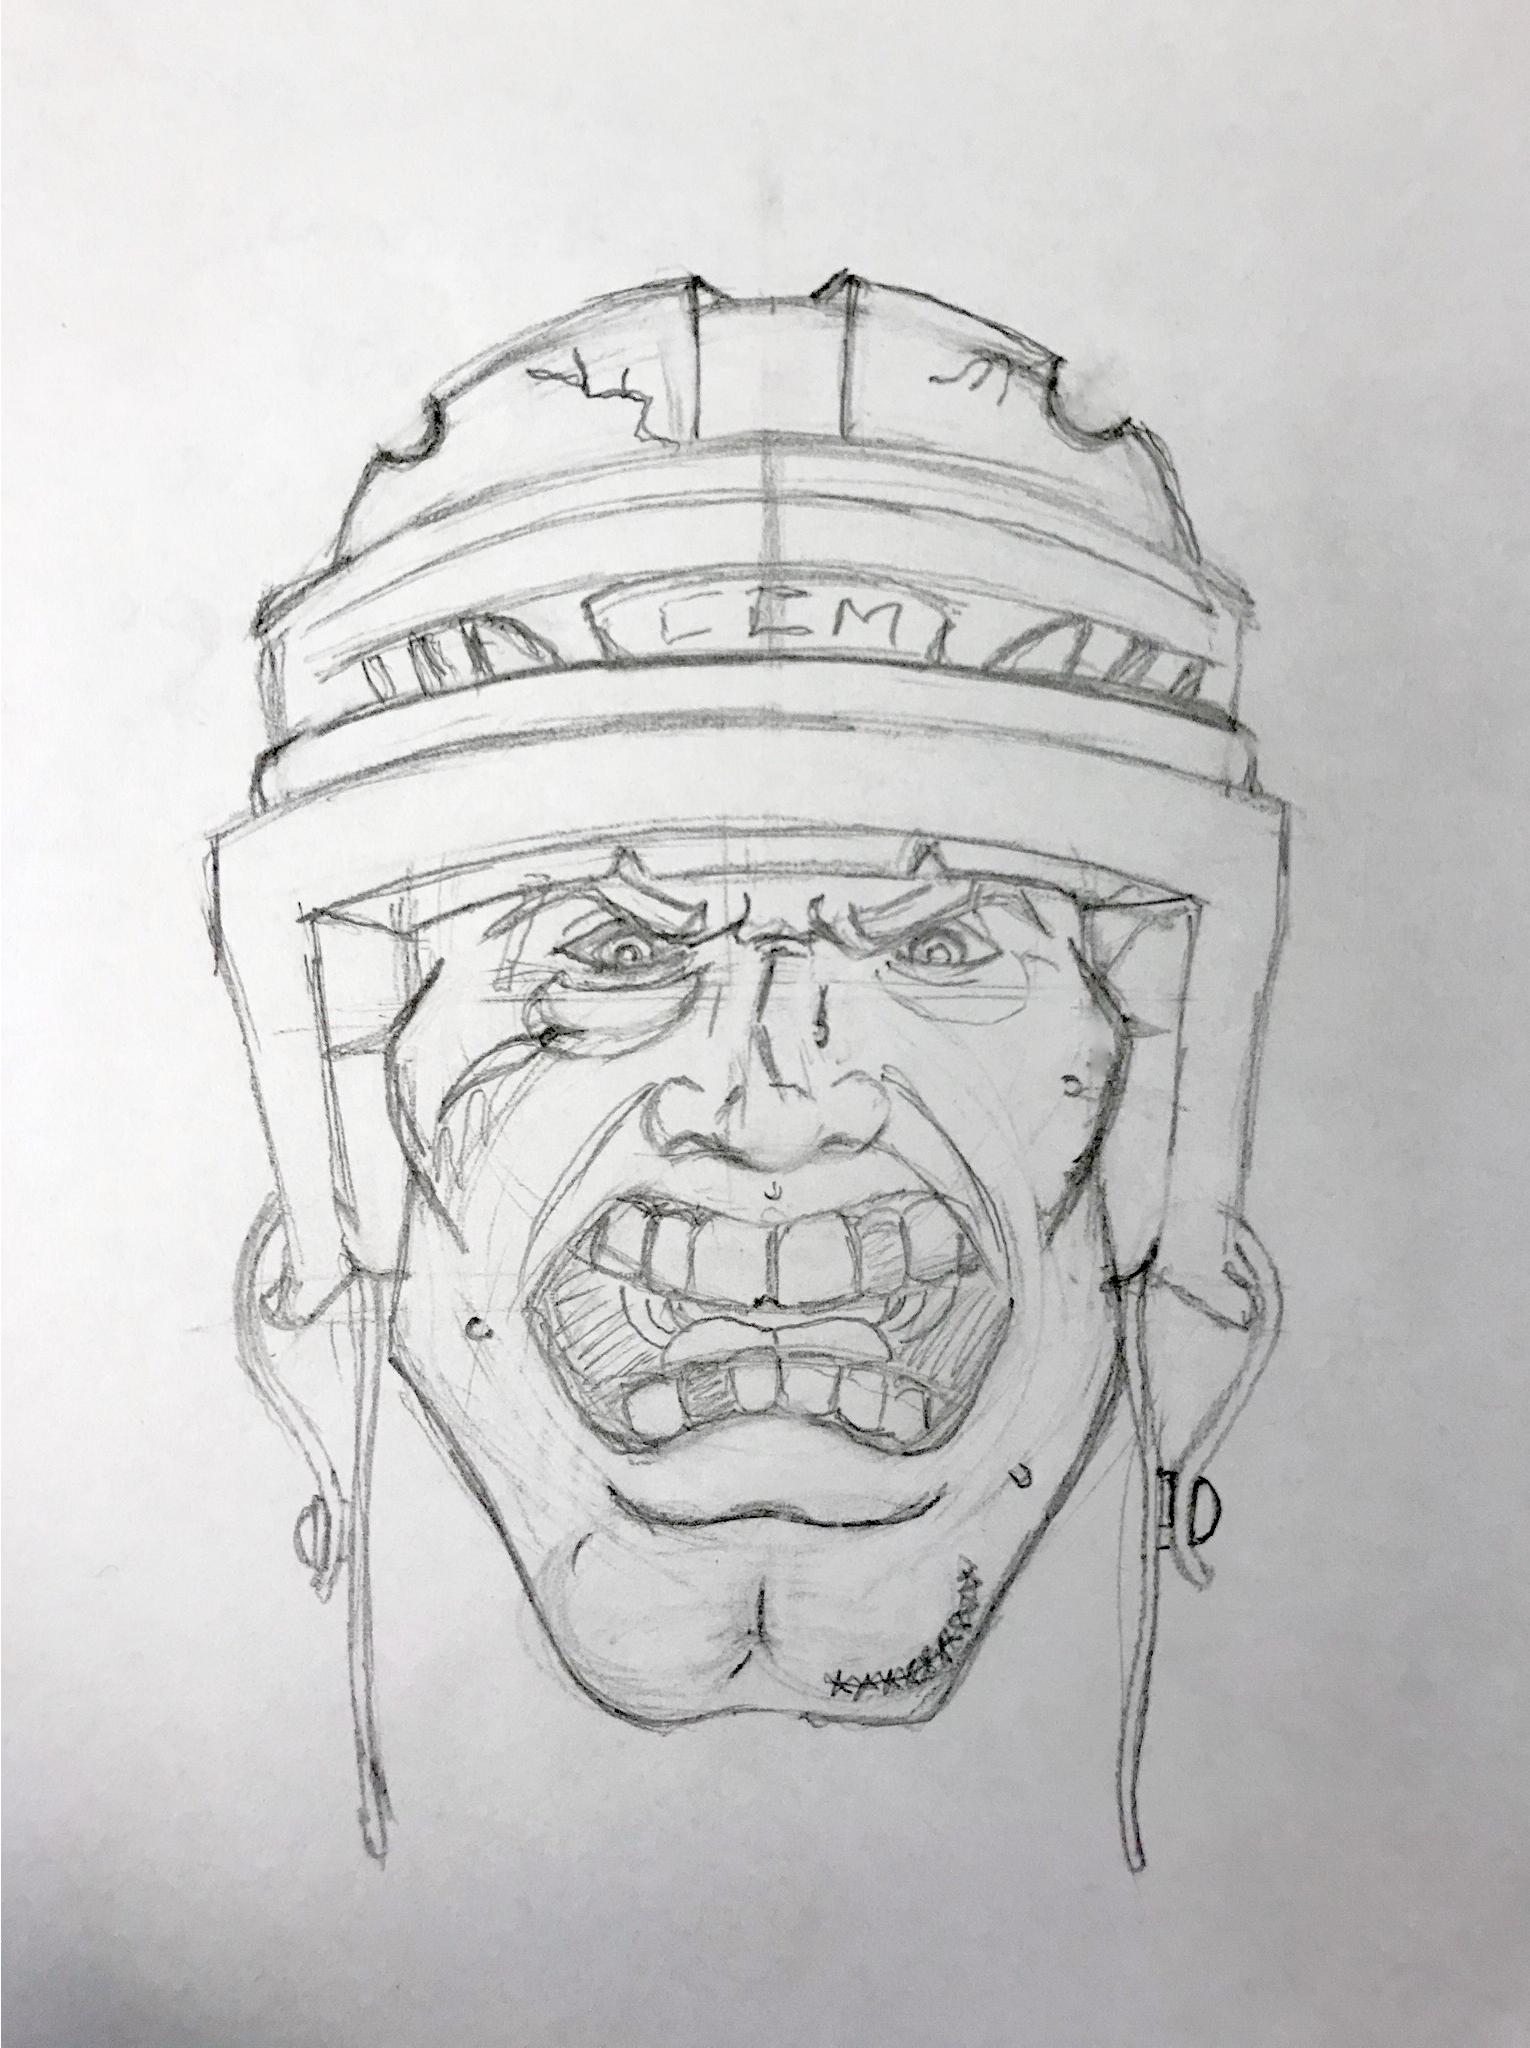 Hockey Guy Sketch